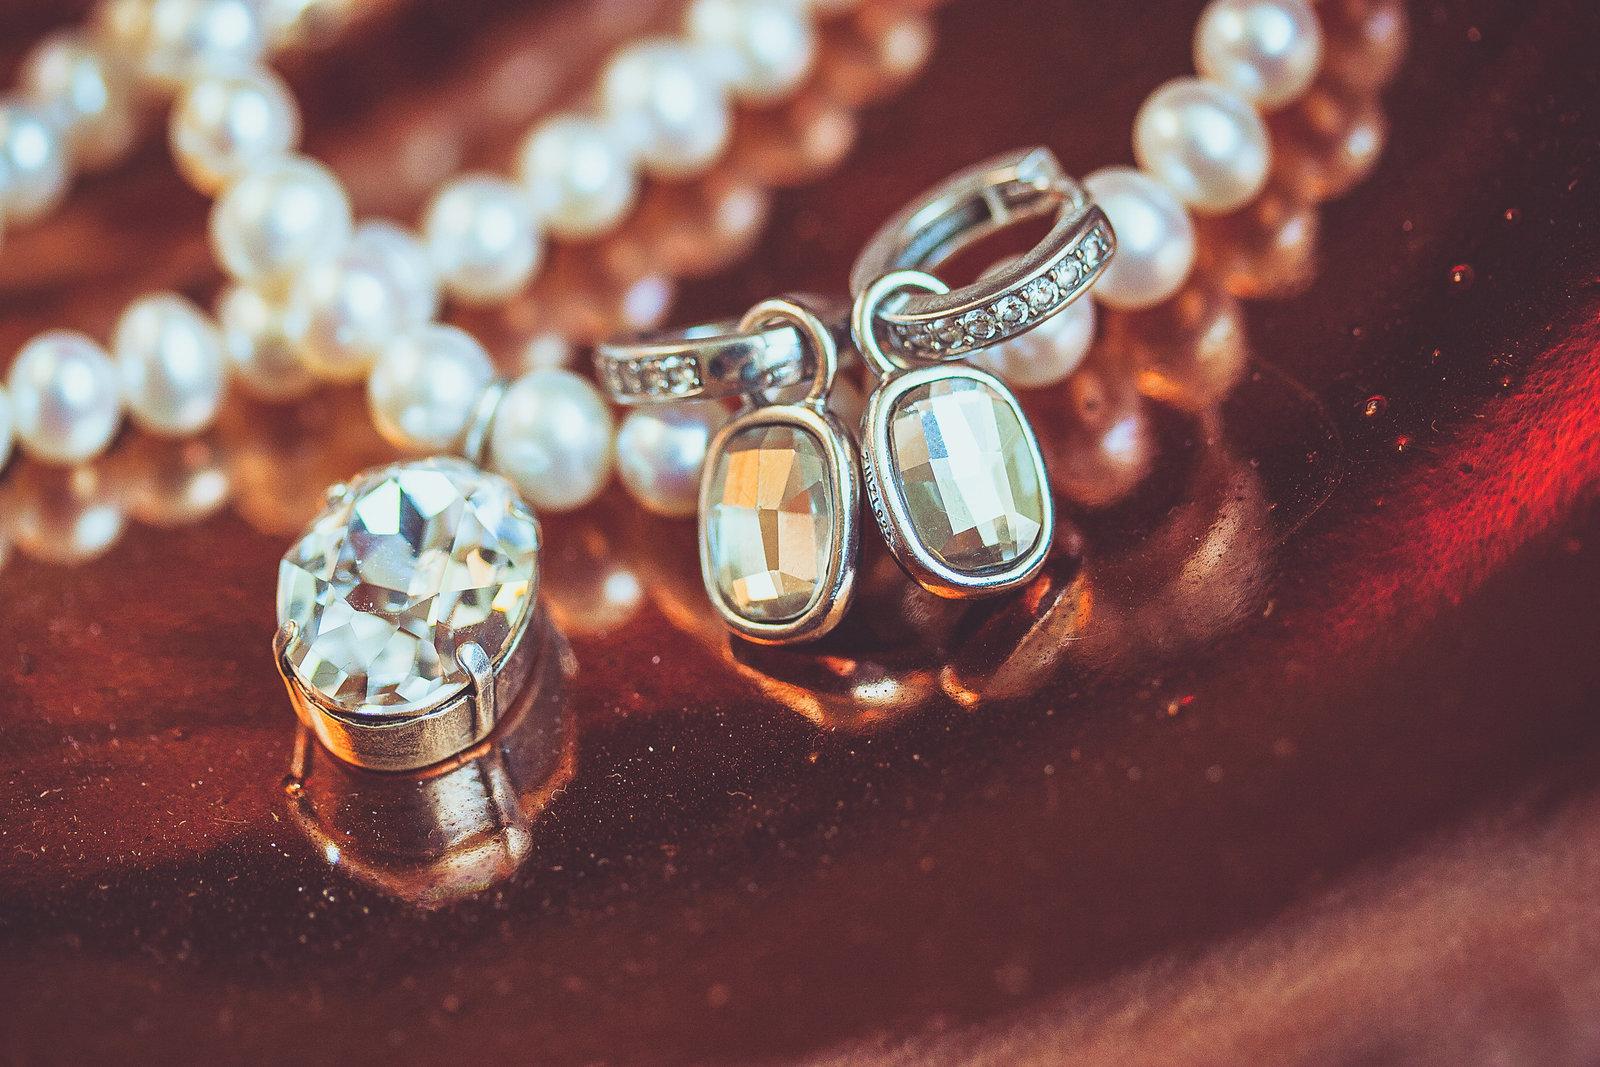 Onmisbaar in je trouwreportage: de details. Hier de parels en stenen van de bruid. Copyright Nanda Zee-Fritse | FOTOZEE